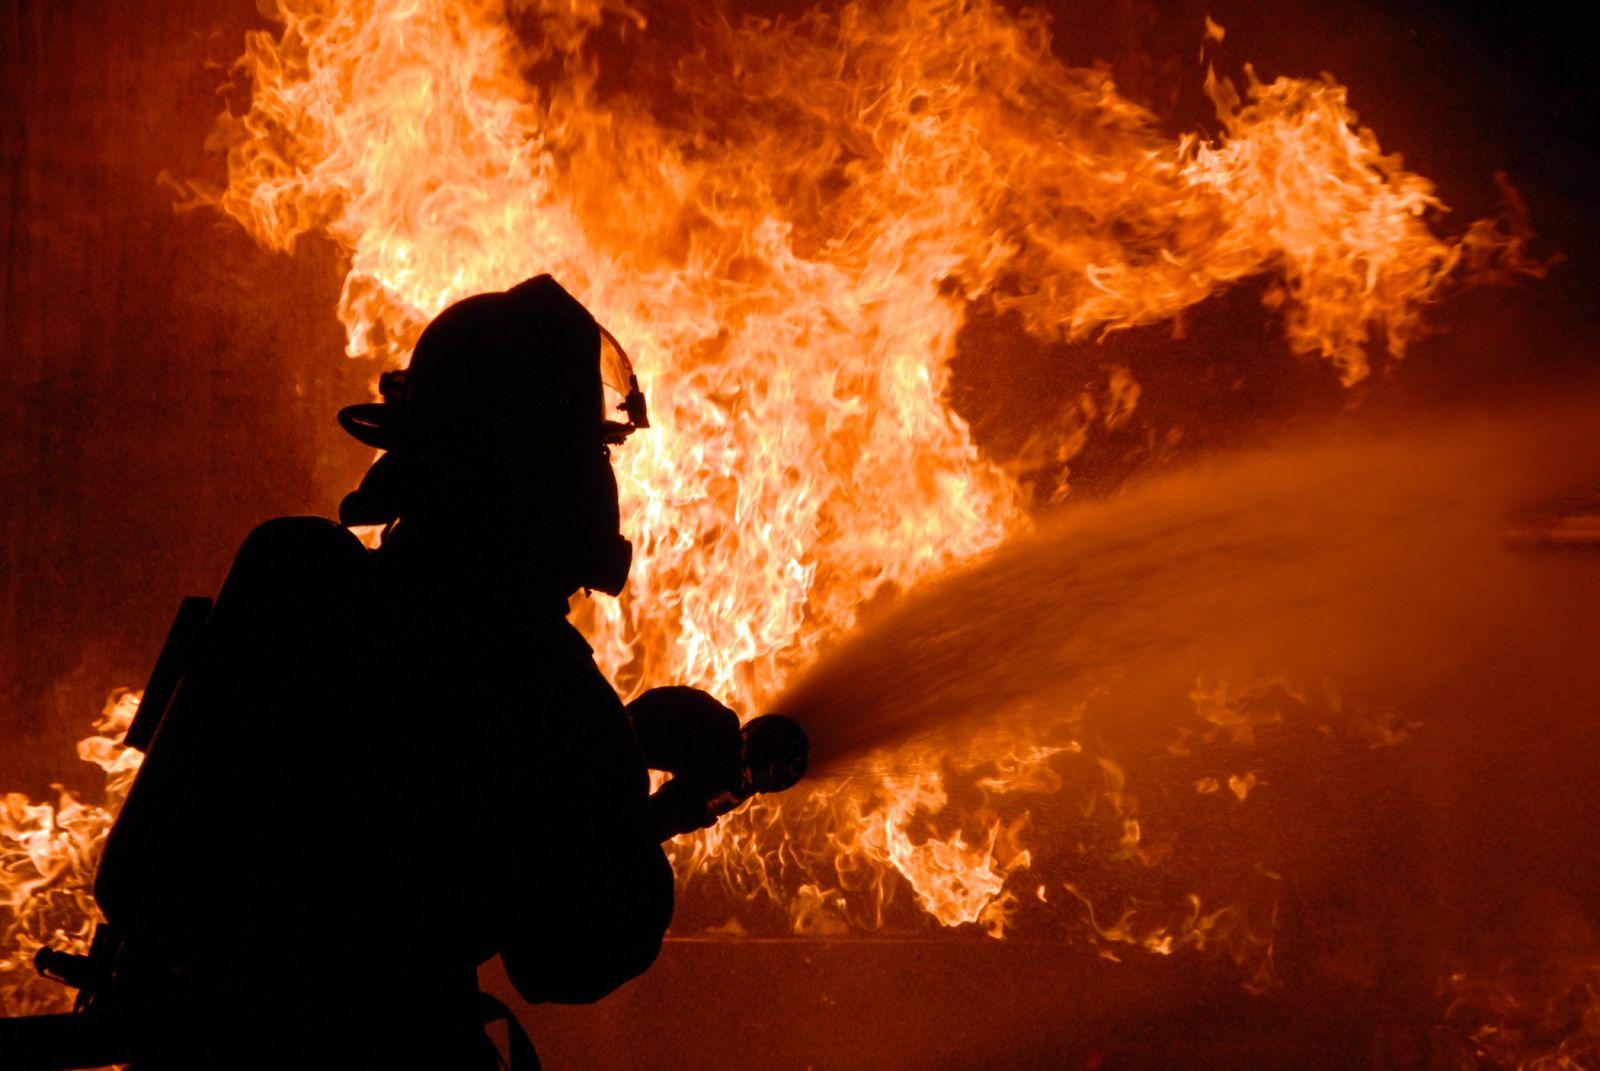 В Киеве начался сильный пожар в районе Дарницкой ТЭЦ (обновлено)